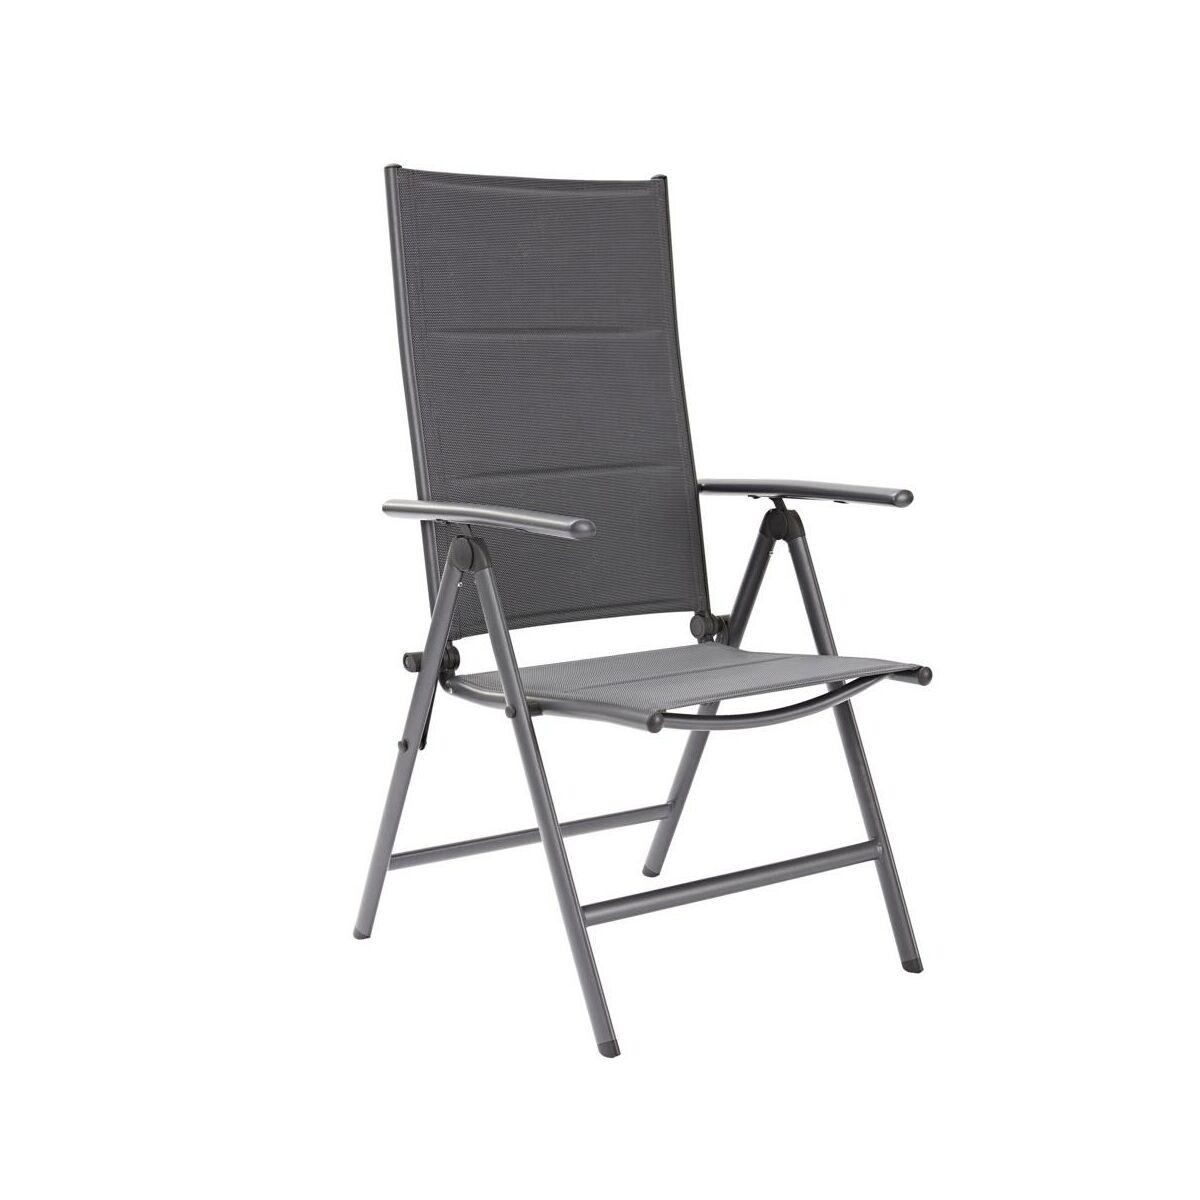 Krzesło ogrodowe ORION aluminiowe z ragulowanym oparciem NATERIAL